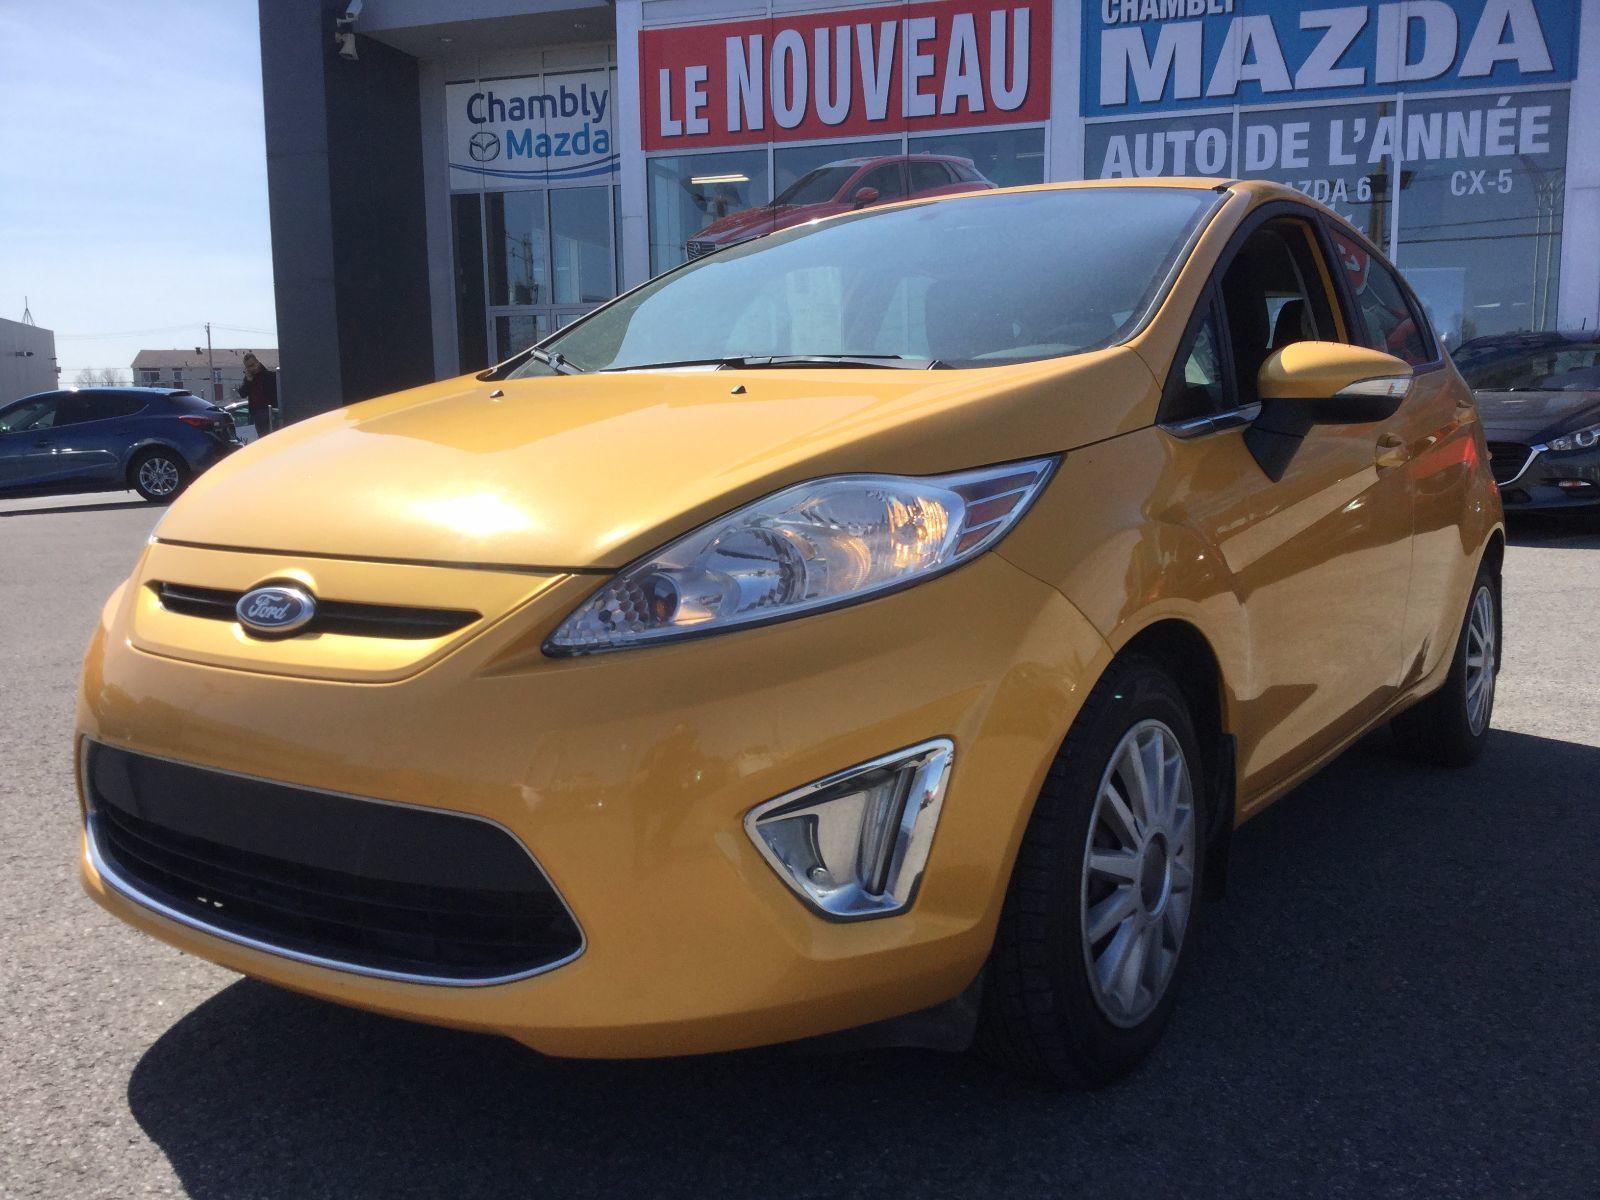 Ford Fiesta ***RÉSERVÉ***, BLUETOOTH, SIÈGES CHAUFFANTS, A/C 2012 JAMAIS ACCIDENTÉ, UN SEUL PROPRIÉTAIRE